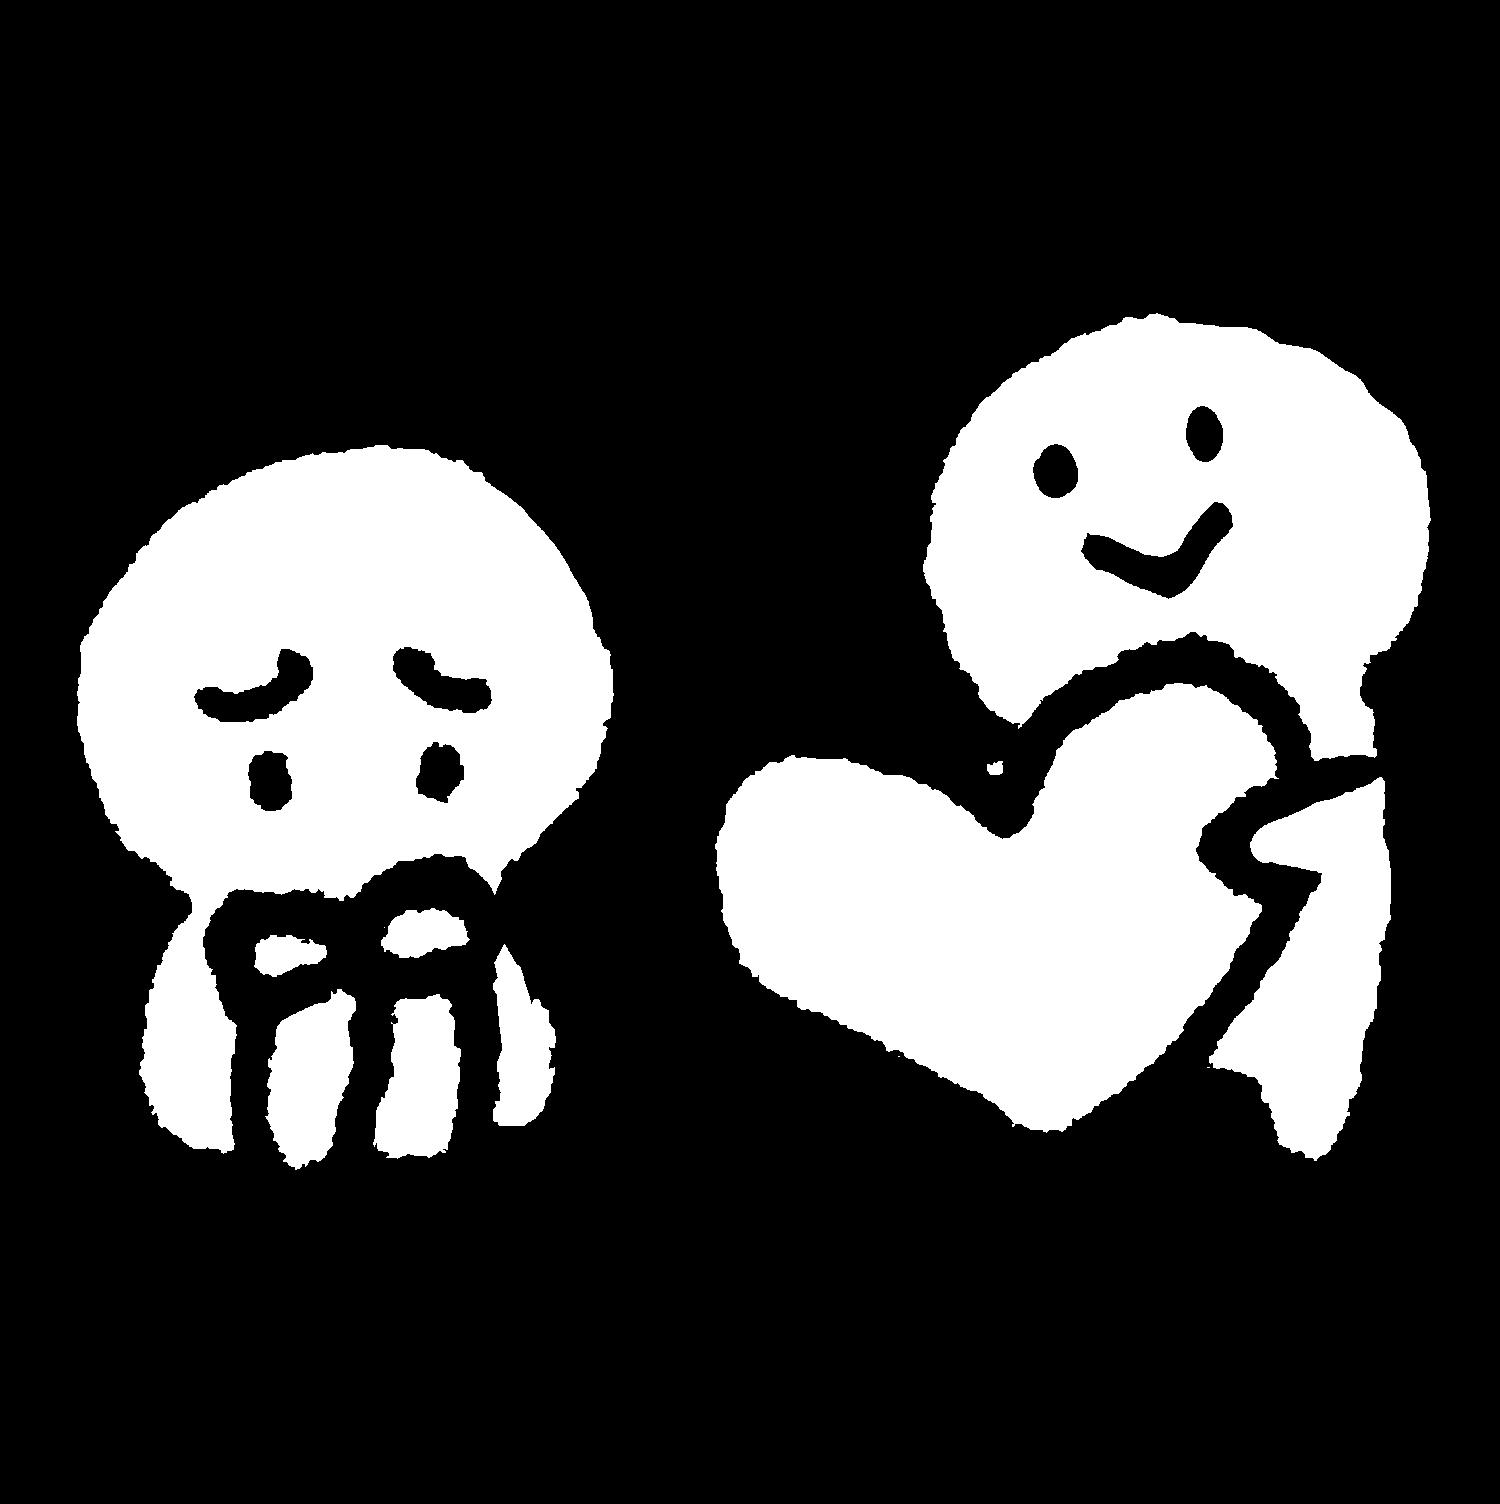 座って落ち込む人にハートを渡すのイラスト / Give a heart Illustration